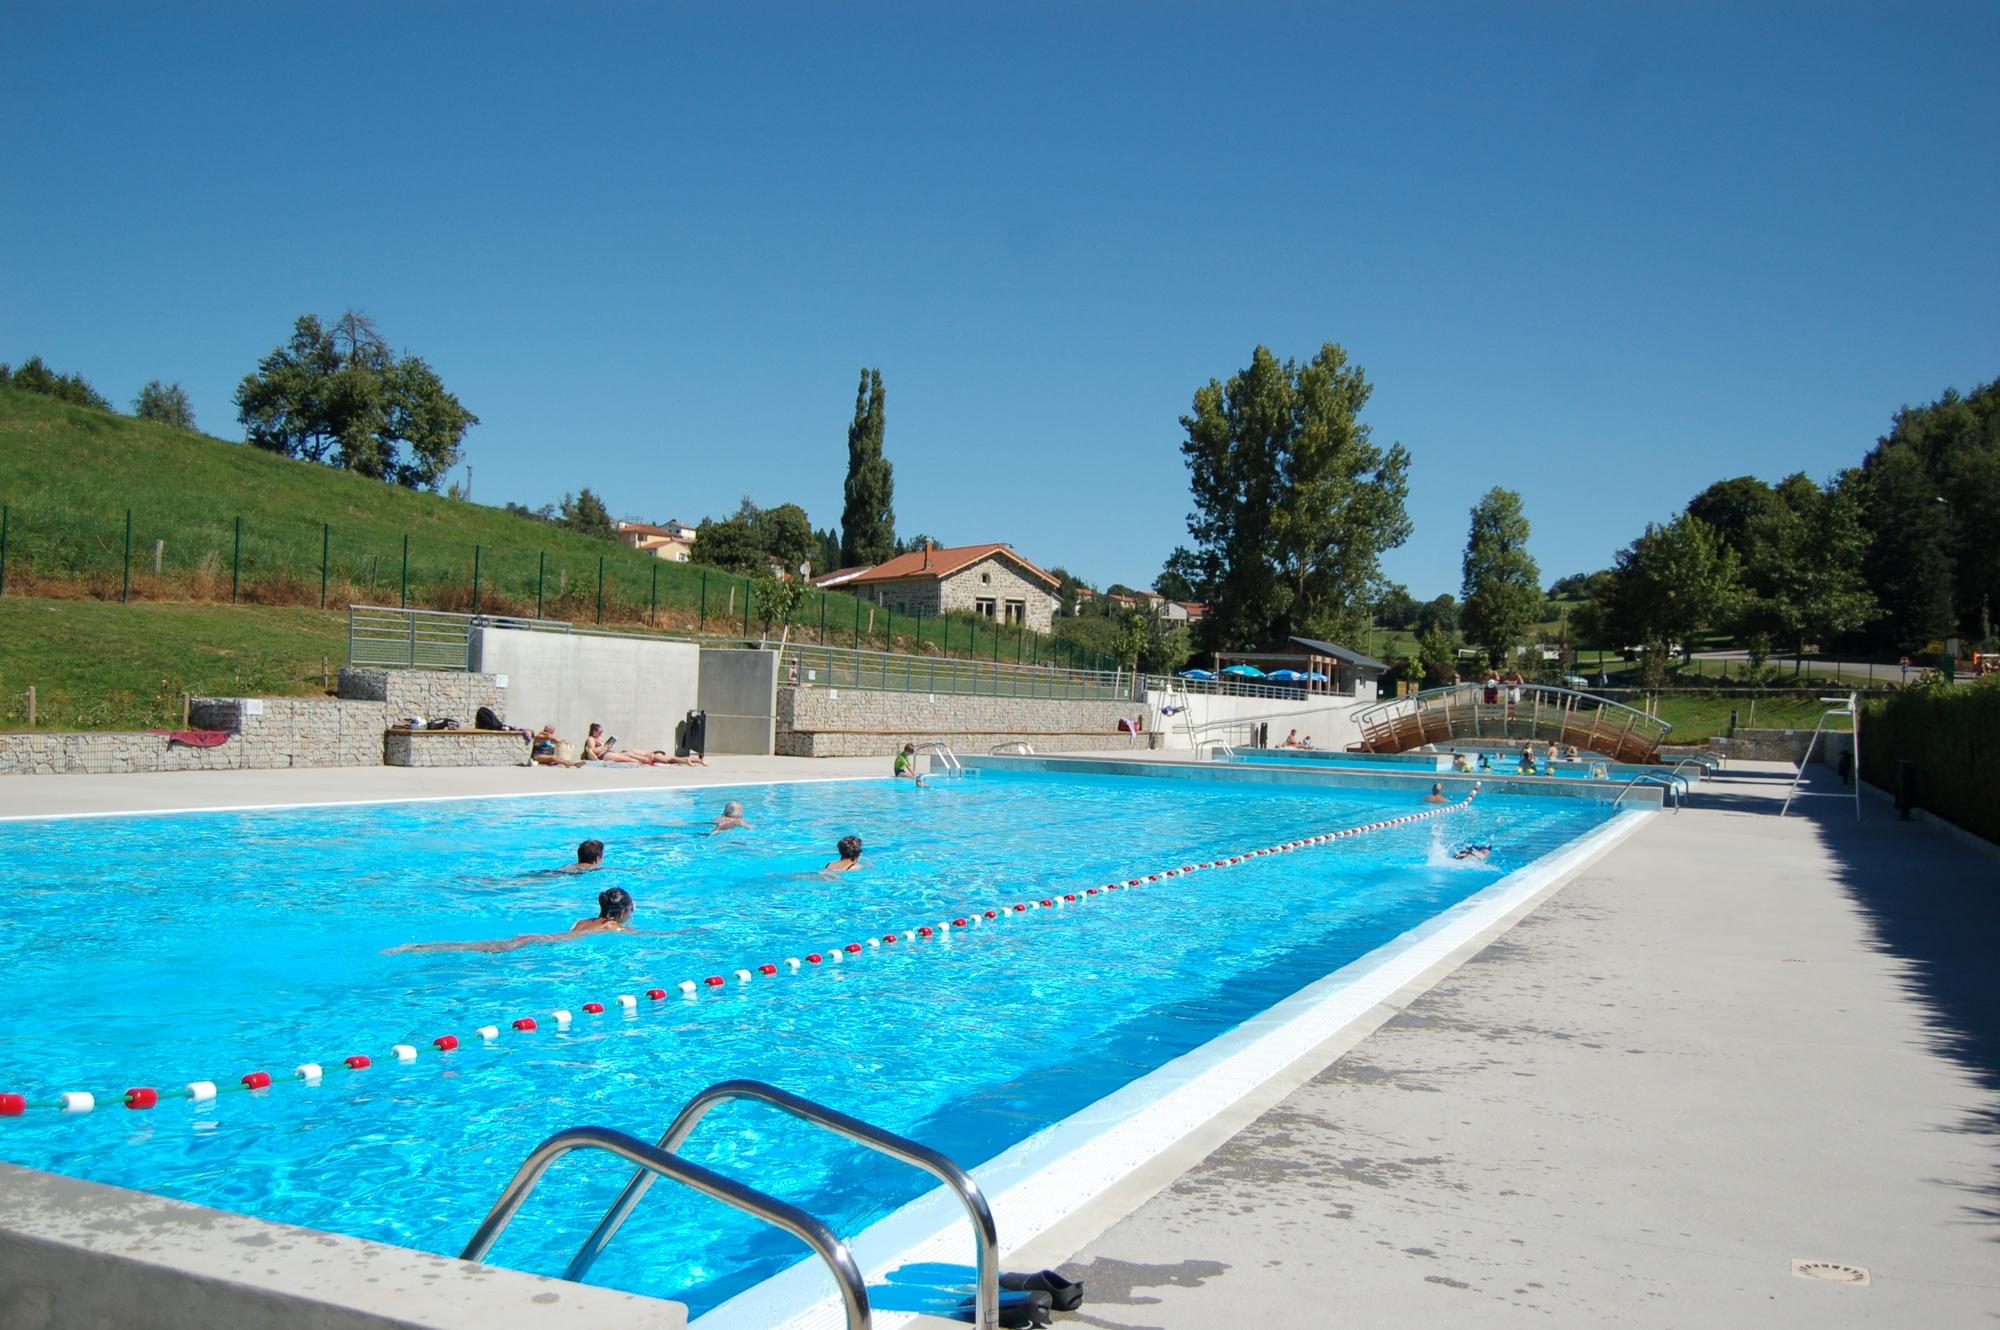 piscine d 39 t de saint didier en velay auvergne auvergne vacances. Black Bedroom Furniture Sets. Home Design Ideas